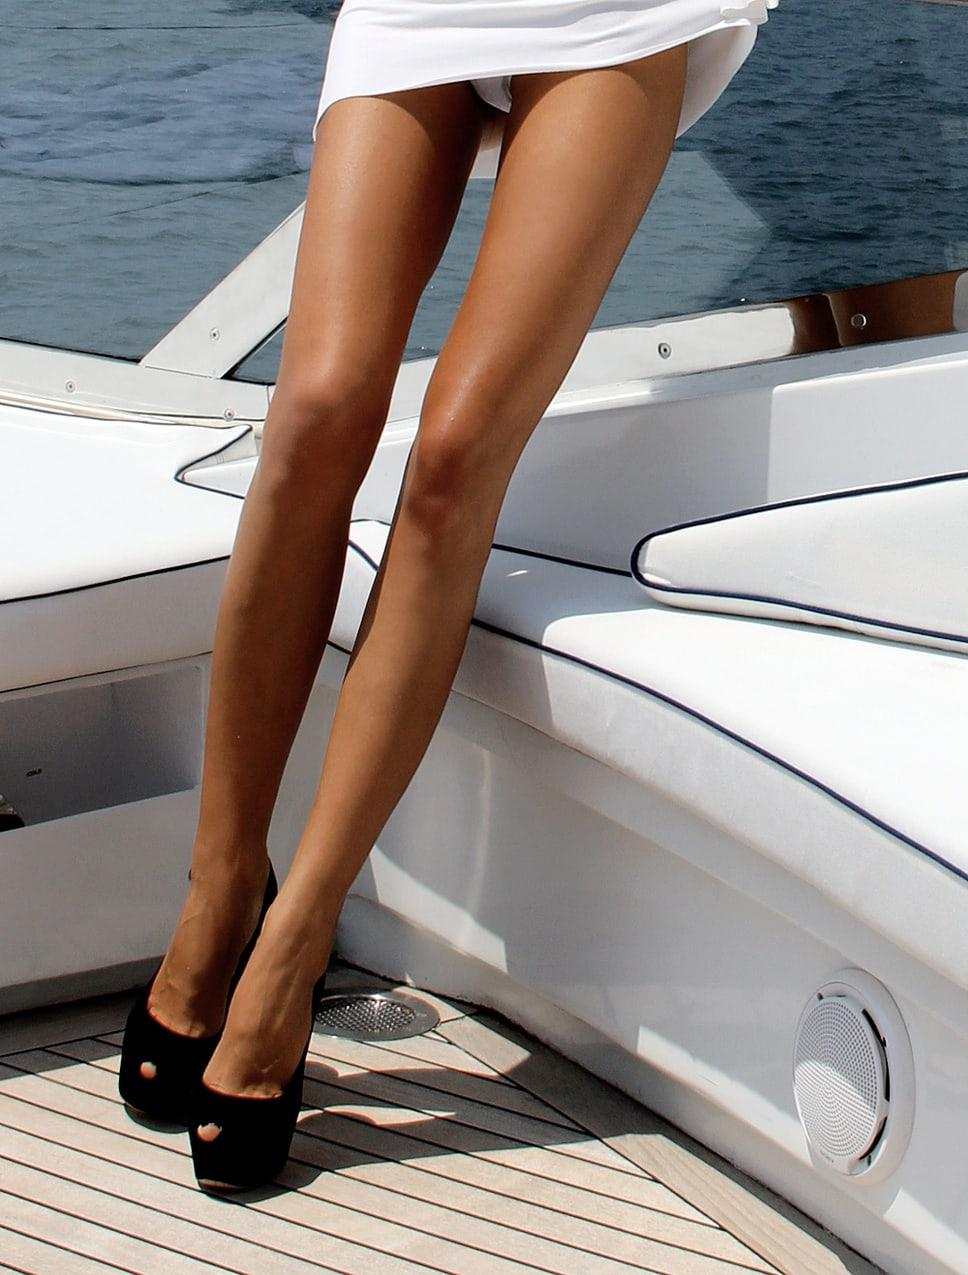 Расстояние между ногами у девушек 16 фотография